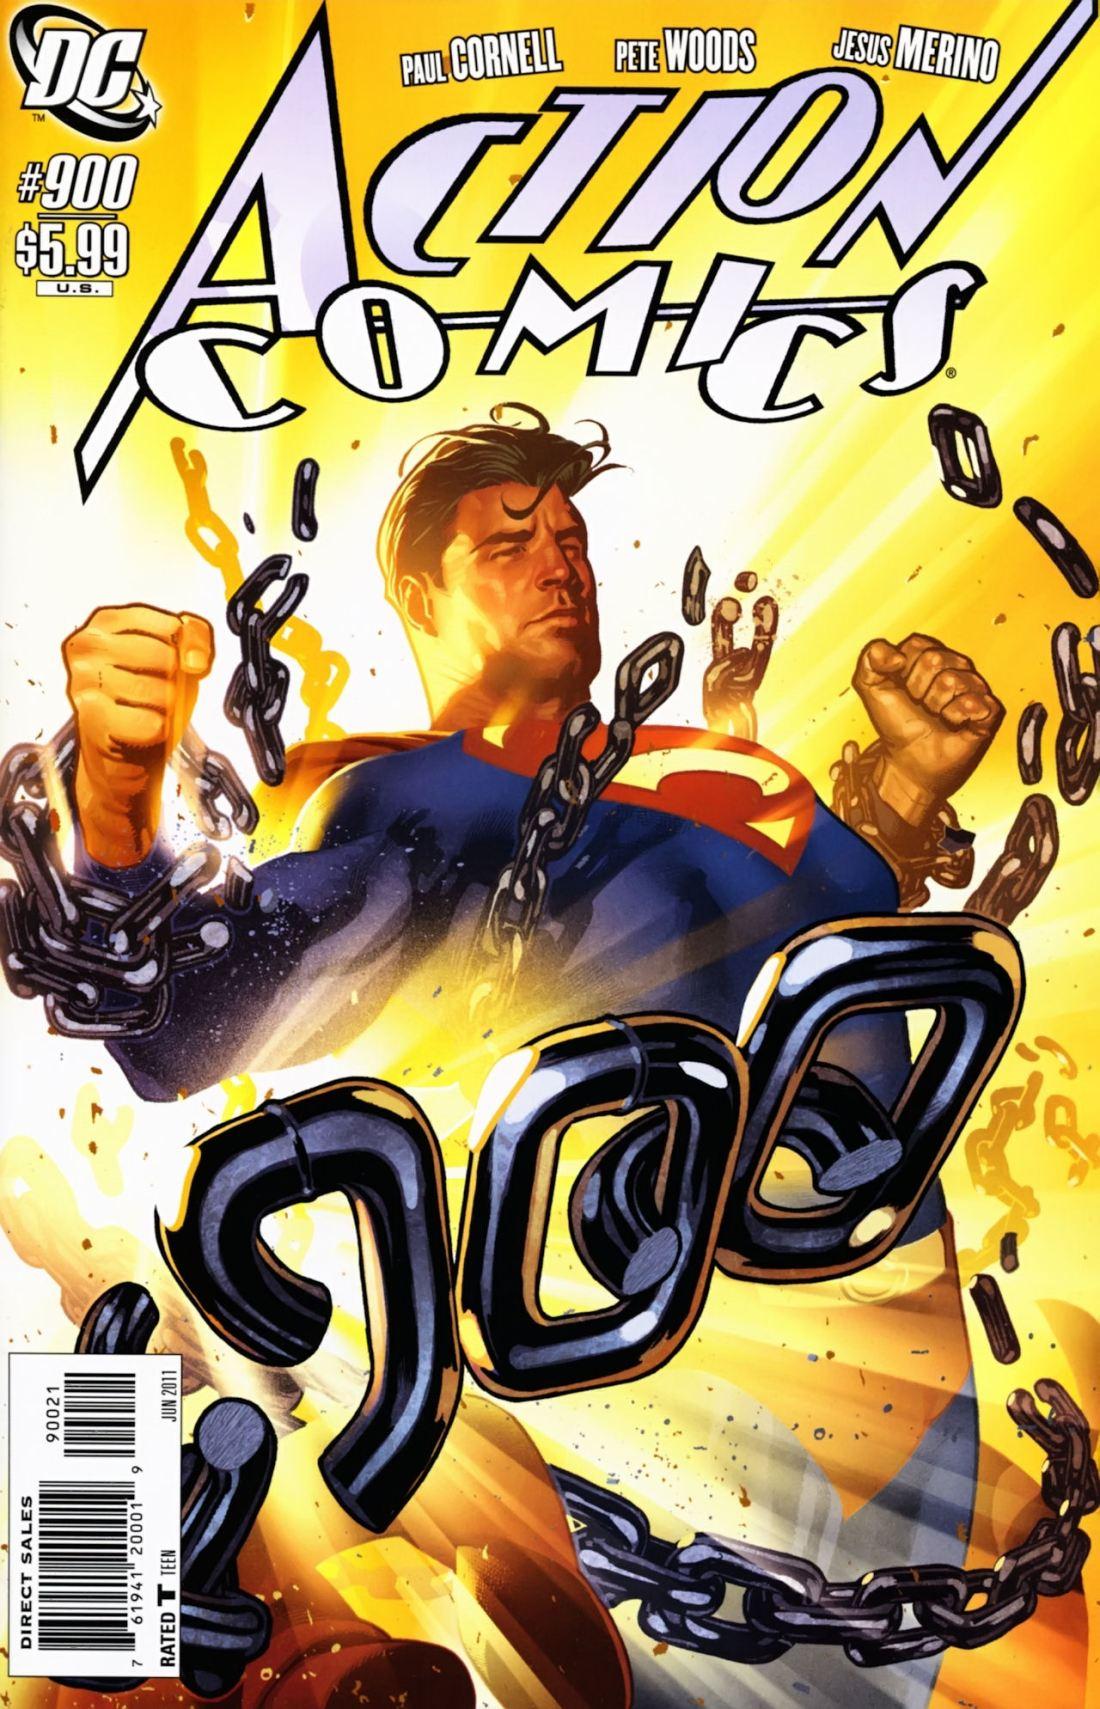 action_comics_vol_1_900_variant2